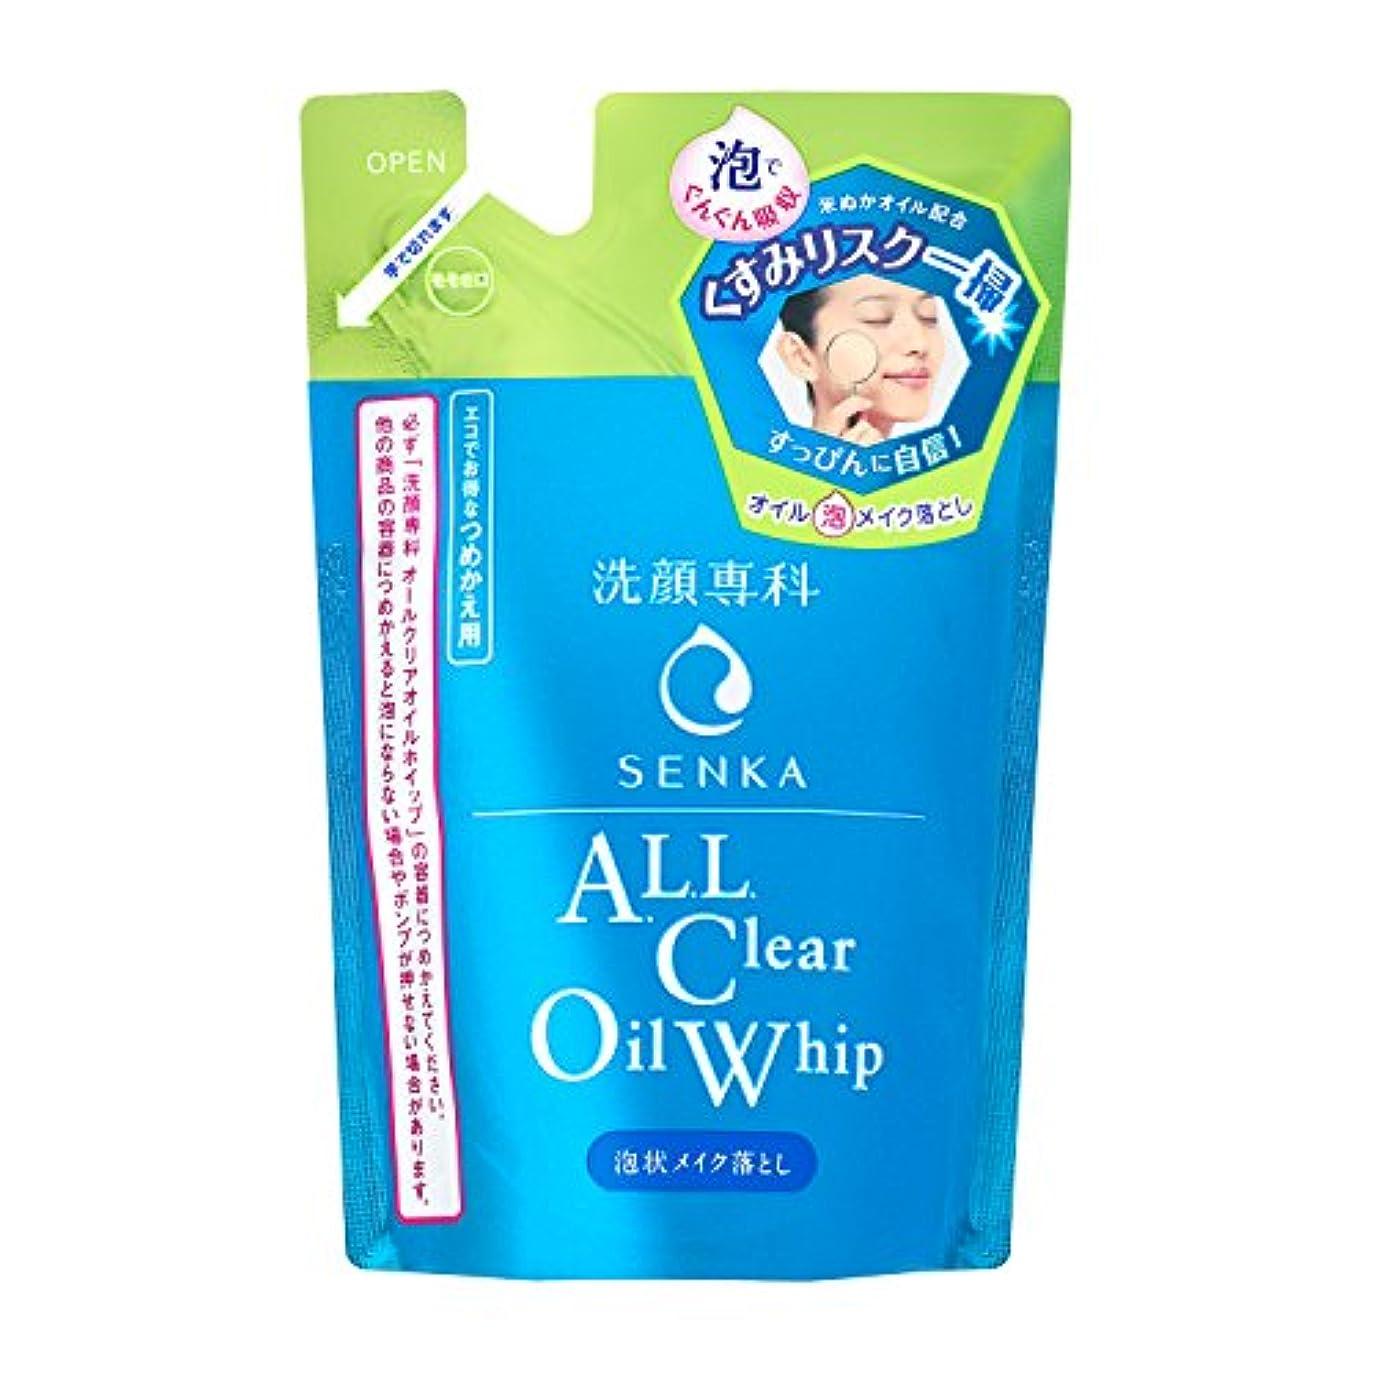 多年生認証に対して洗顔専科 オールクリアオイルホイップ 泡状メイク落とし つめかえ用 130mL